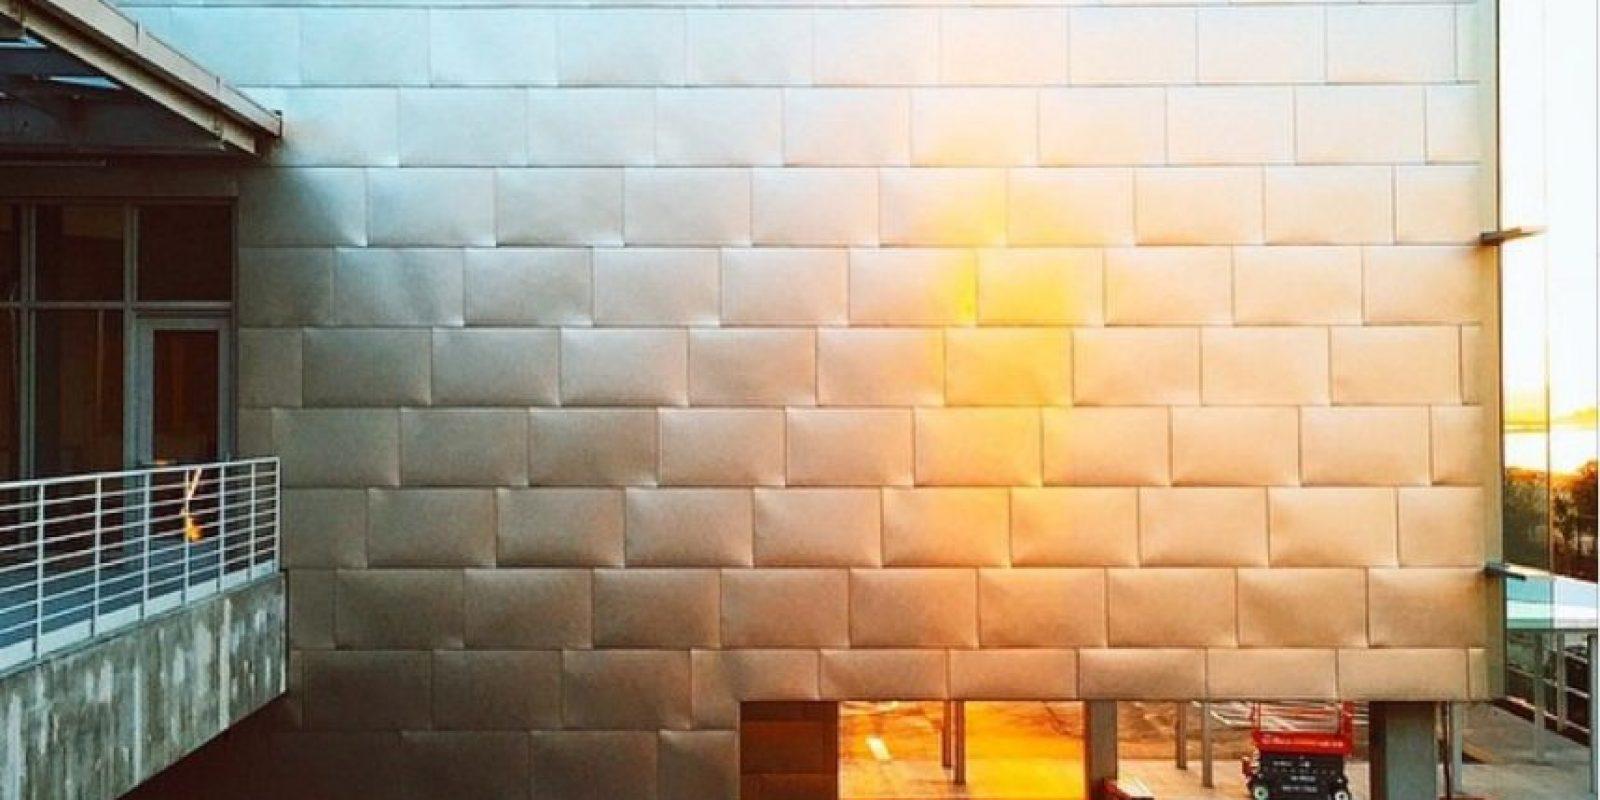 El panel de metal de la estructura de las nuevas oficinas. Foto:instagram.com/elizabethgilmore